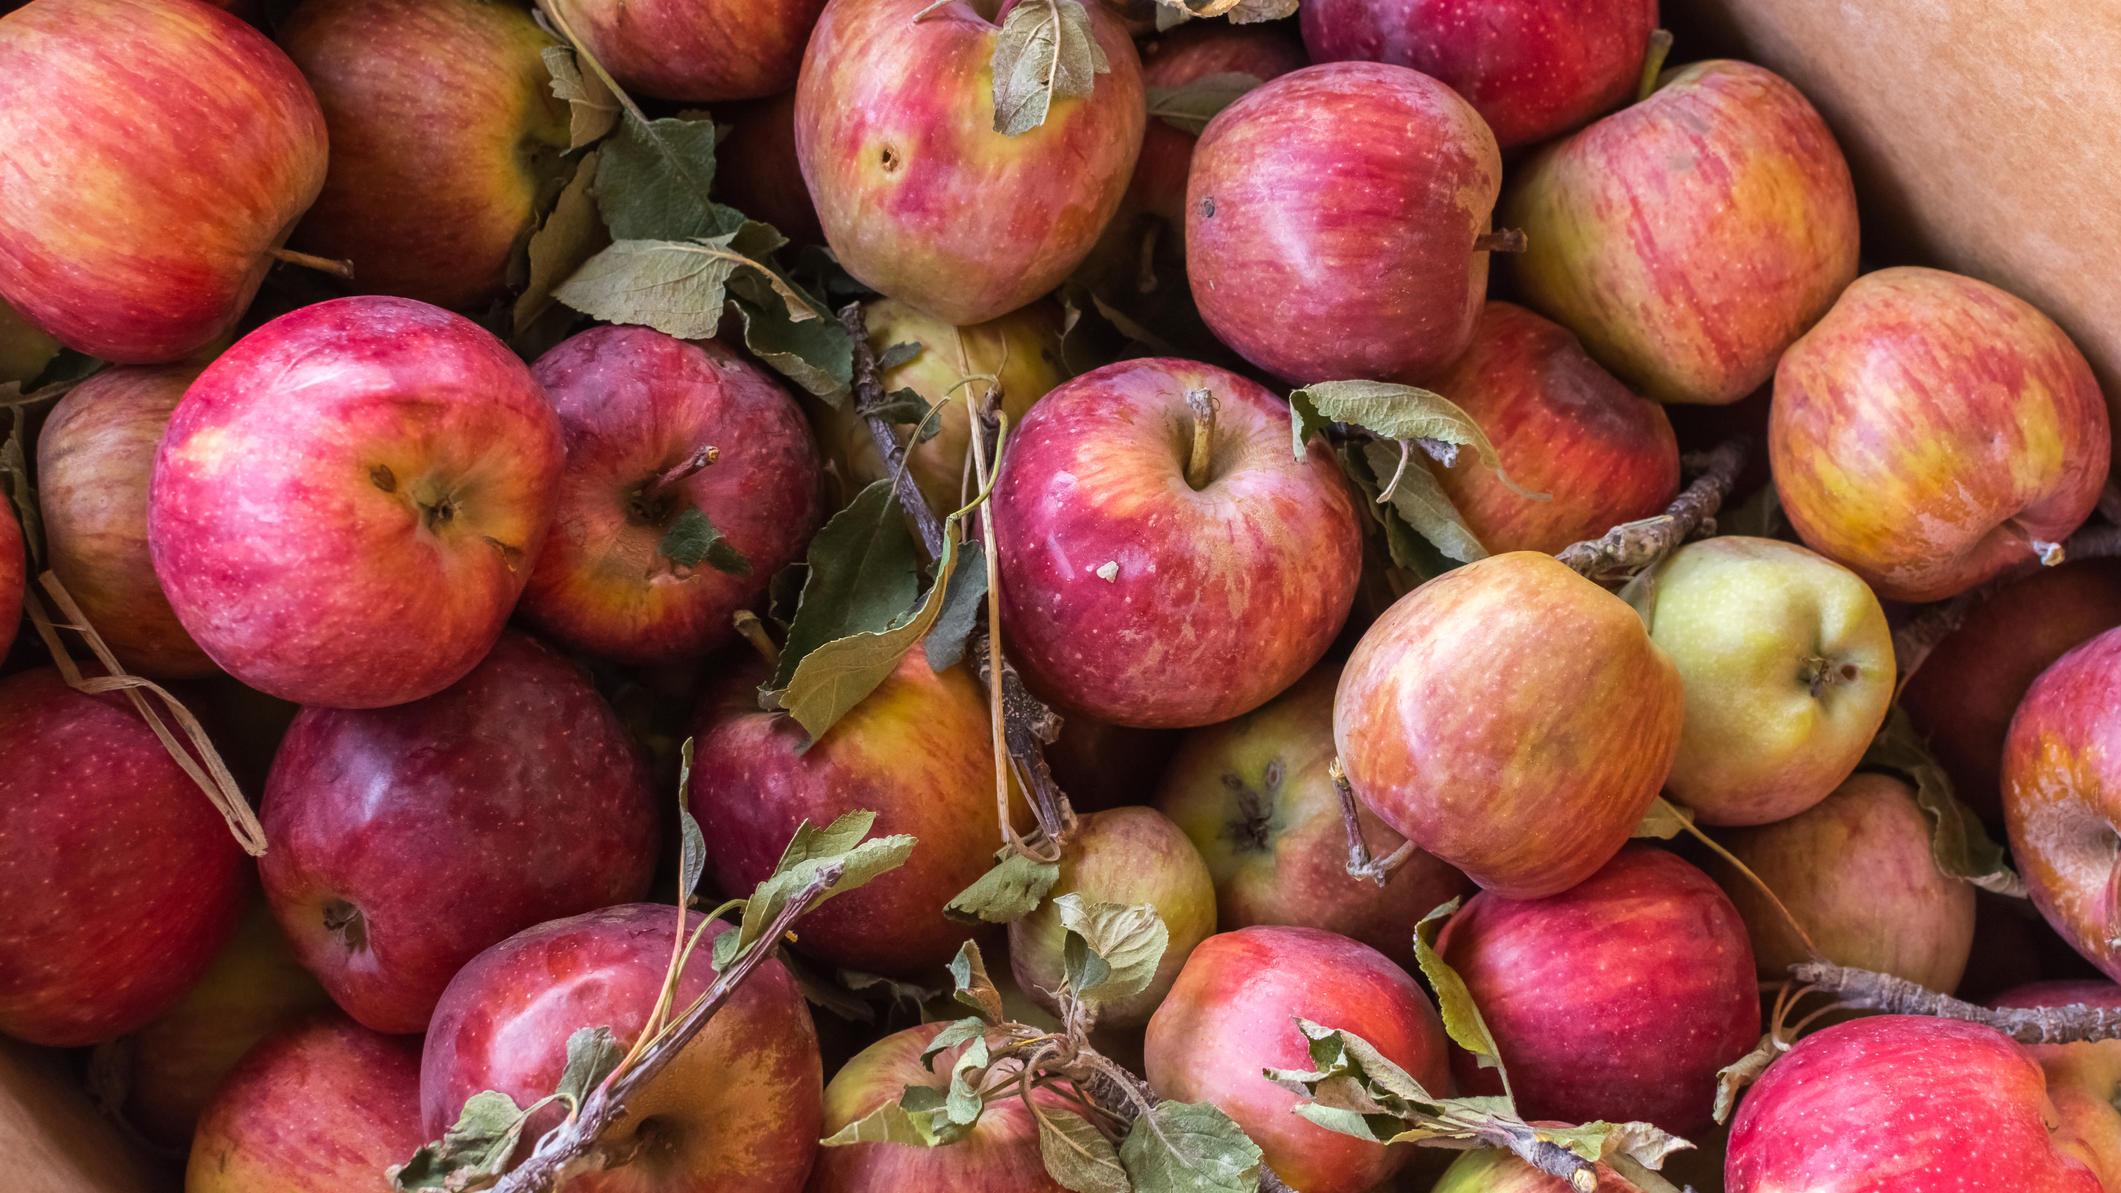 Äpfel mit kleinen Makeln schmecken trotzdem gut.